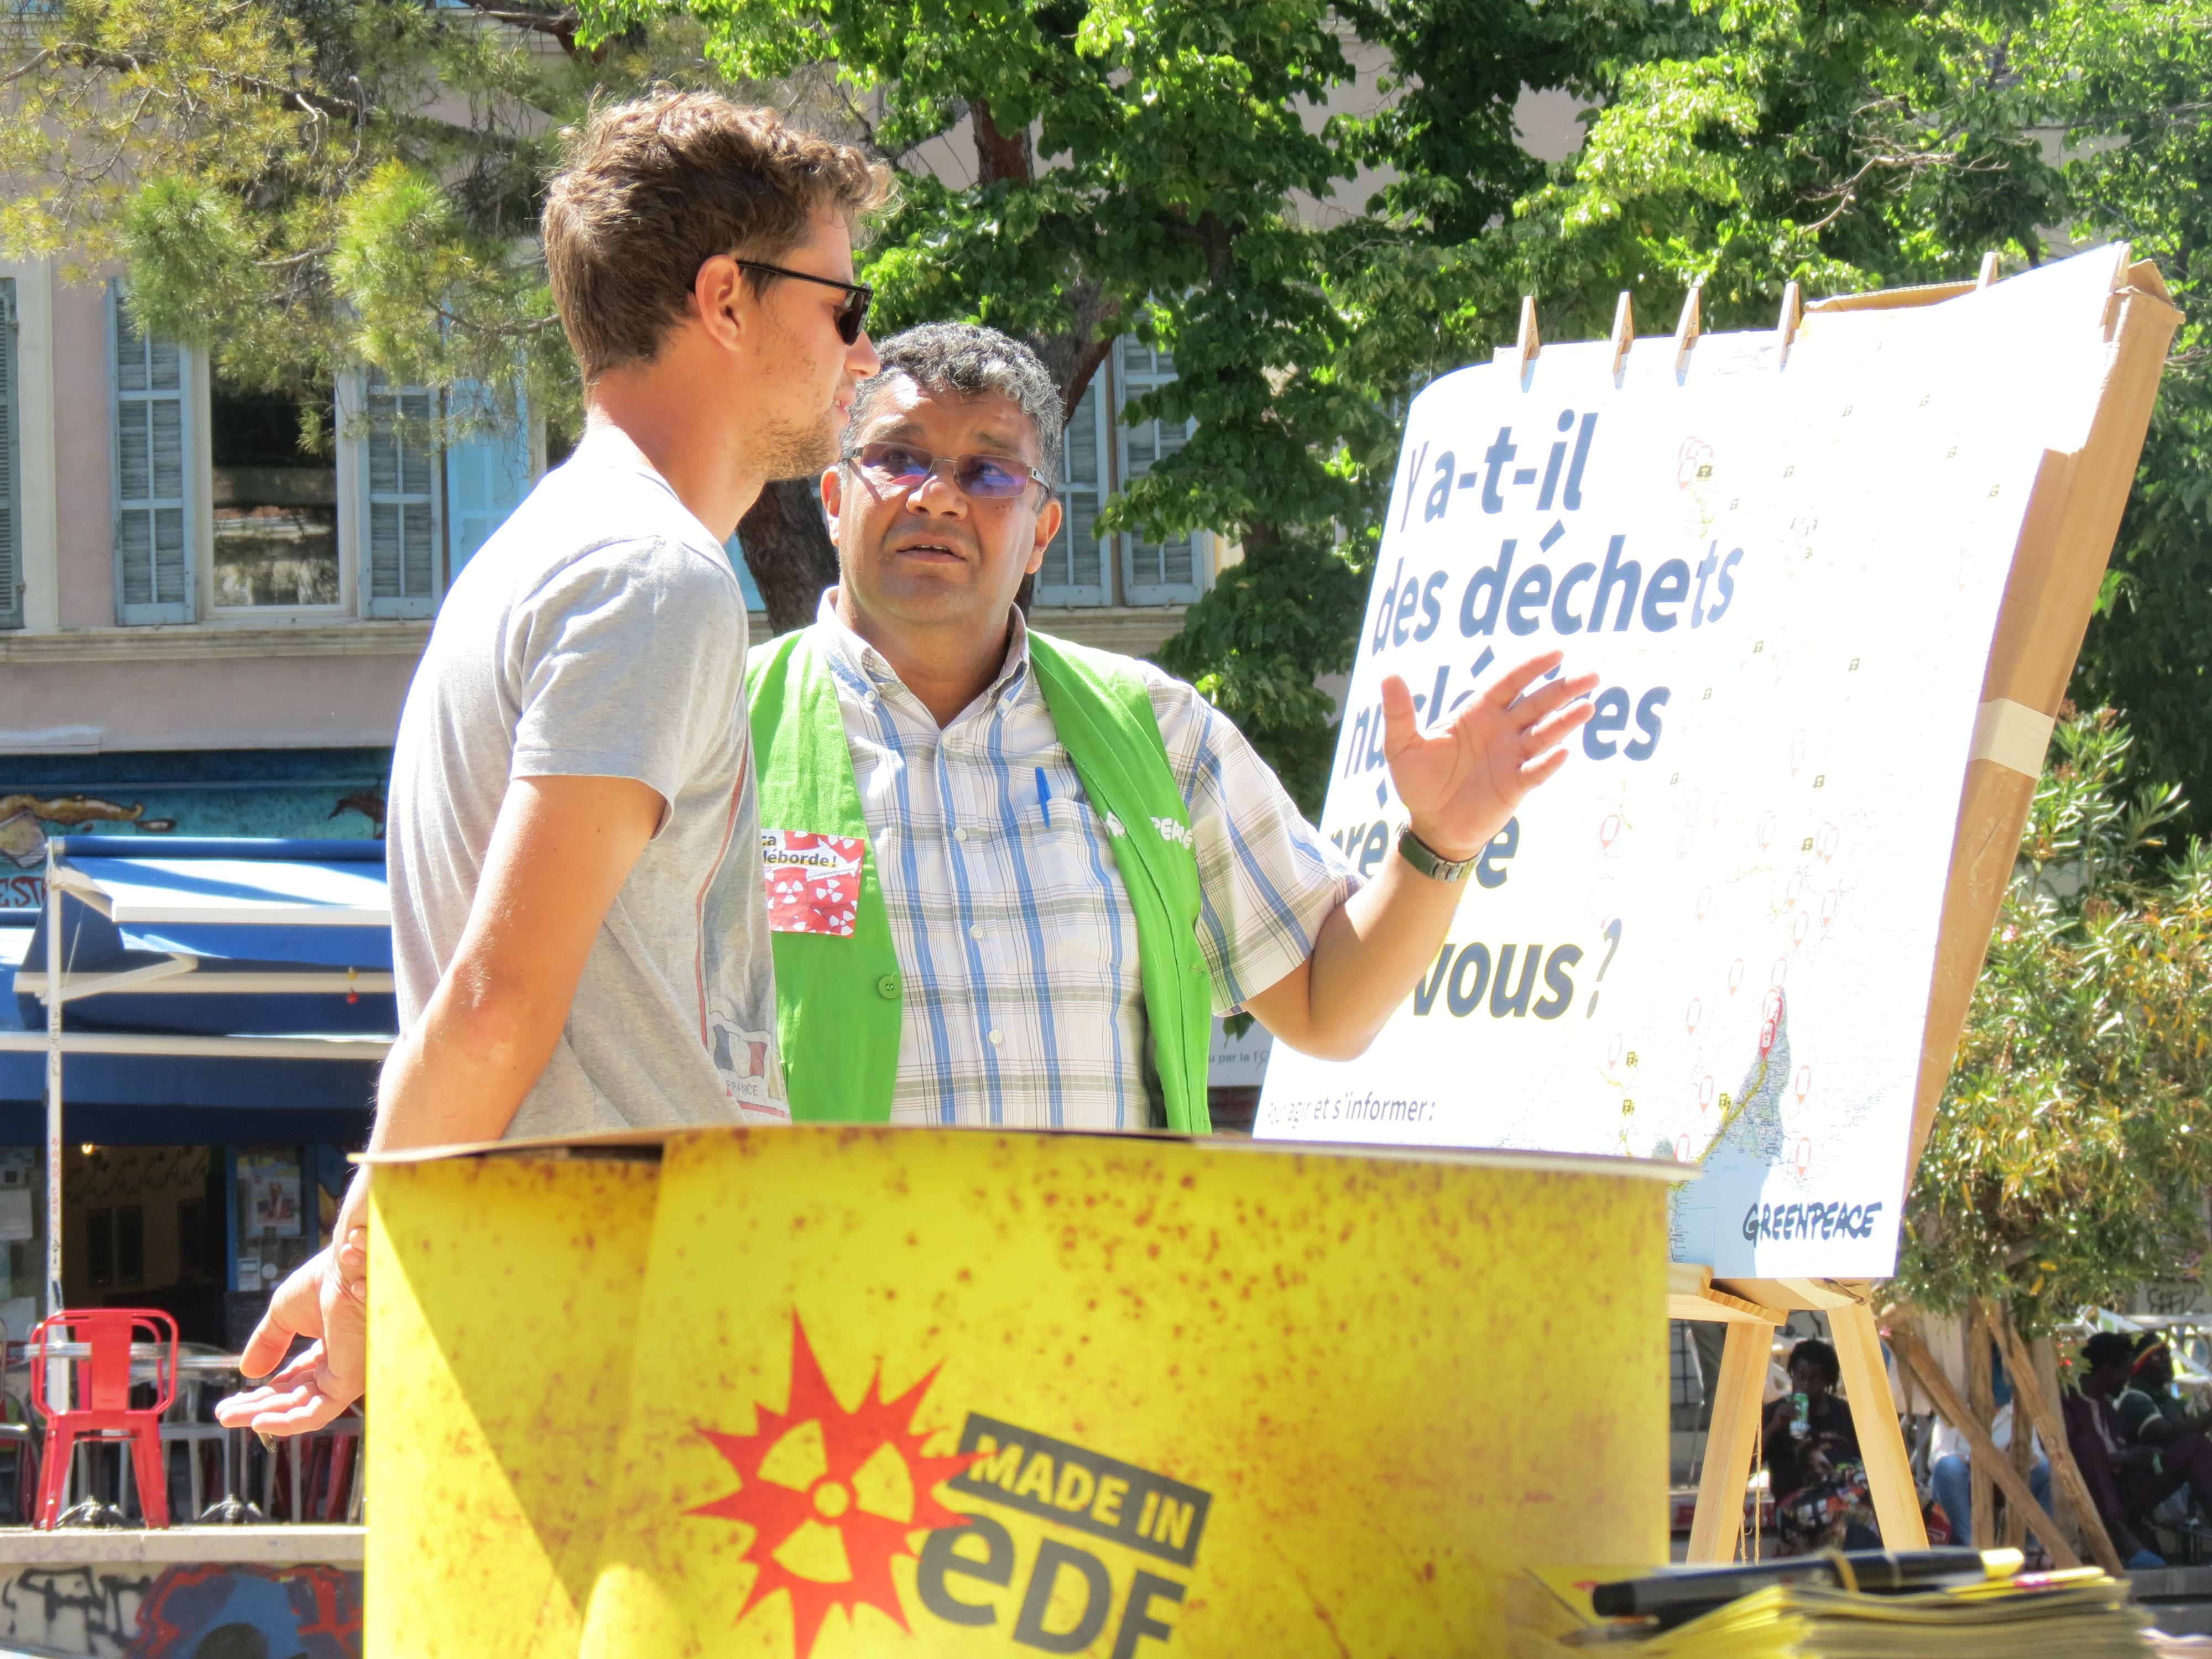 Militant Greenpeace parle des déchets nucléaires avec un passant